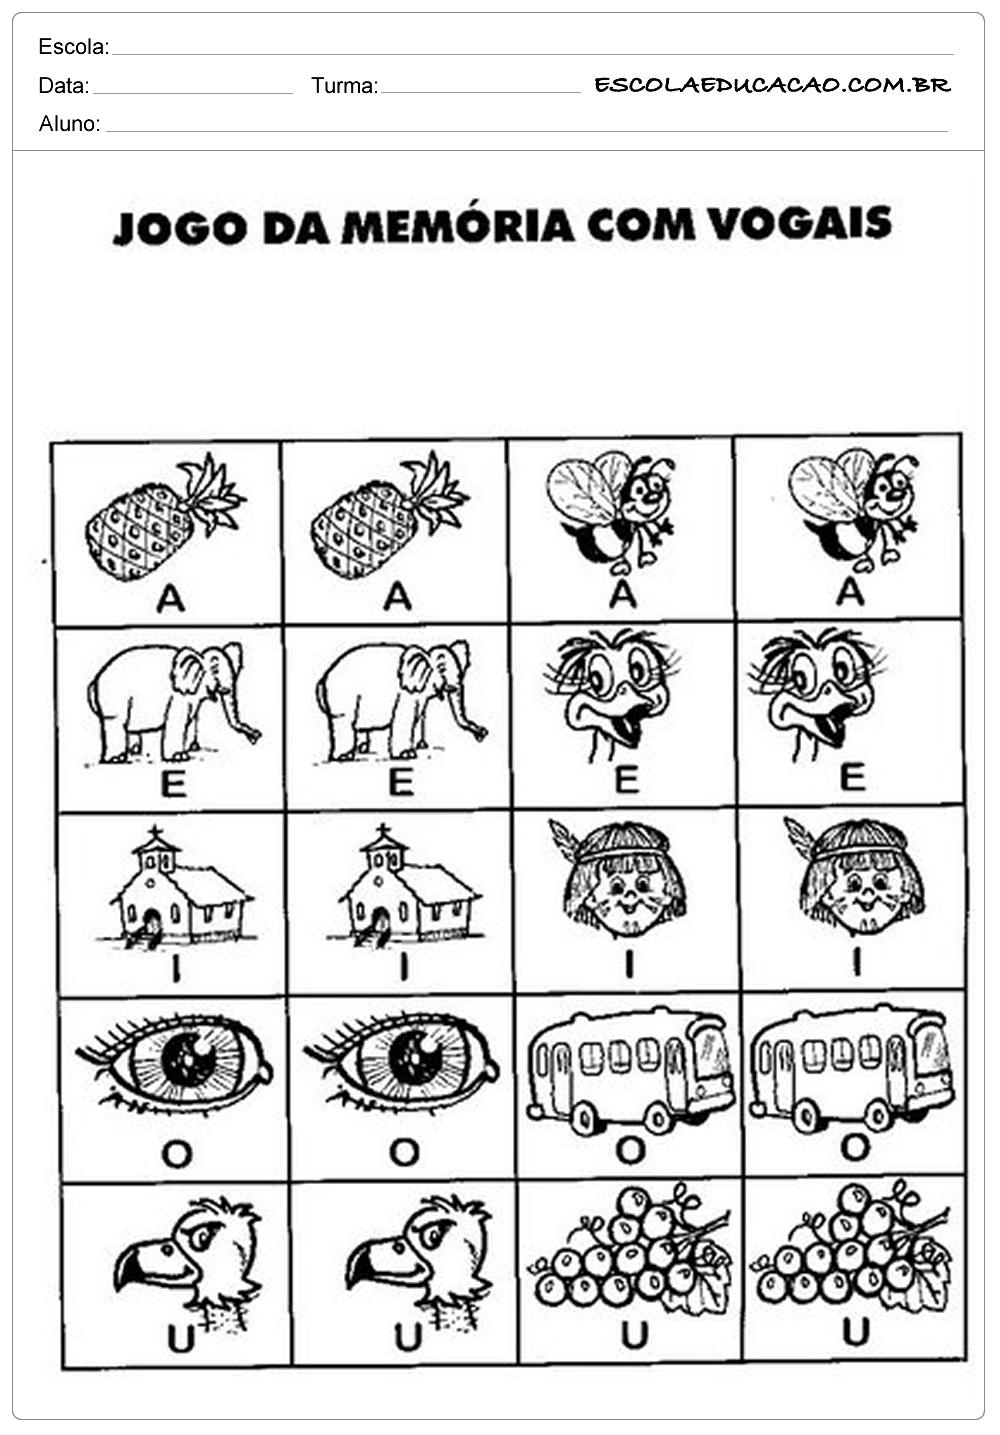 Atividades Com Vogais Jogo Da Memoria Escola Educacao